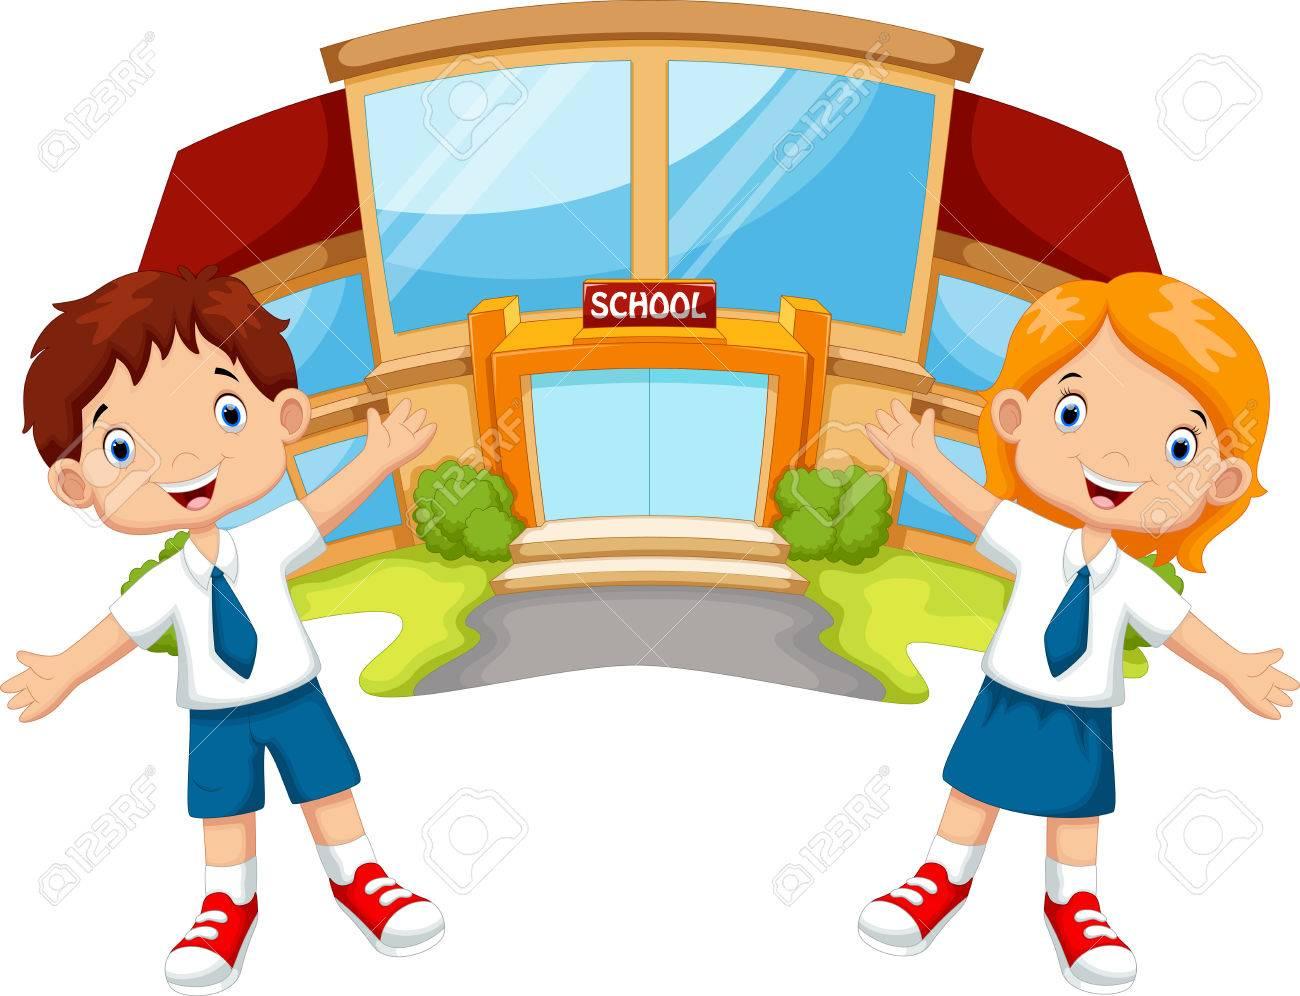 School children in front of the school building - 44628688